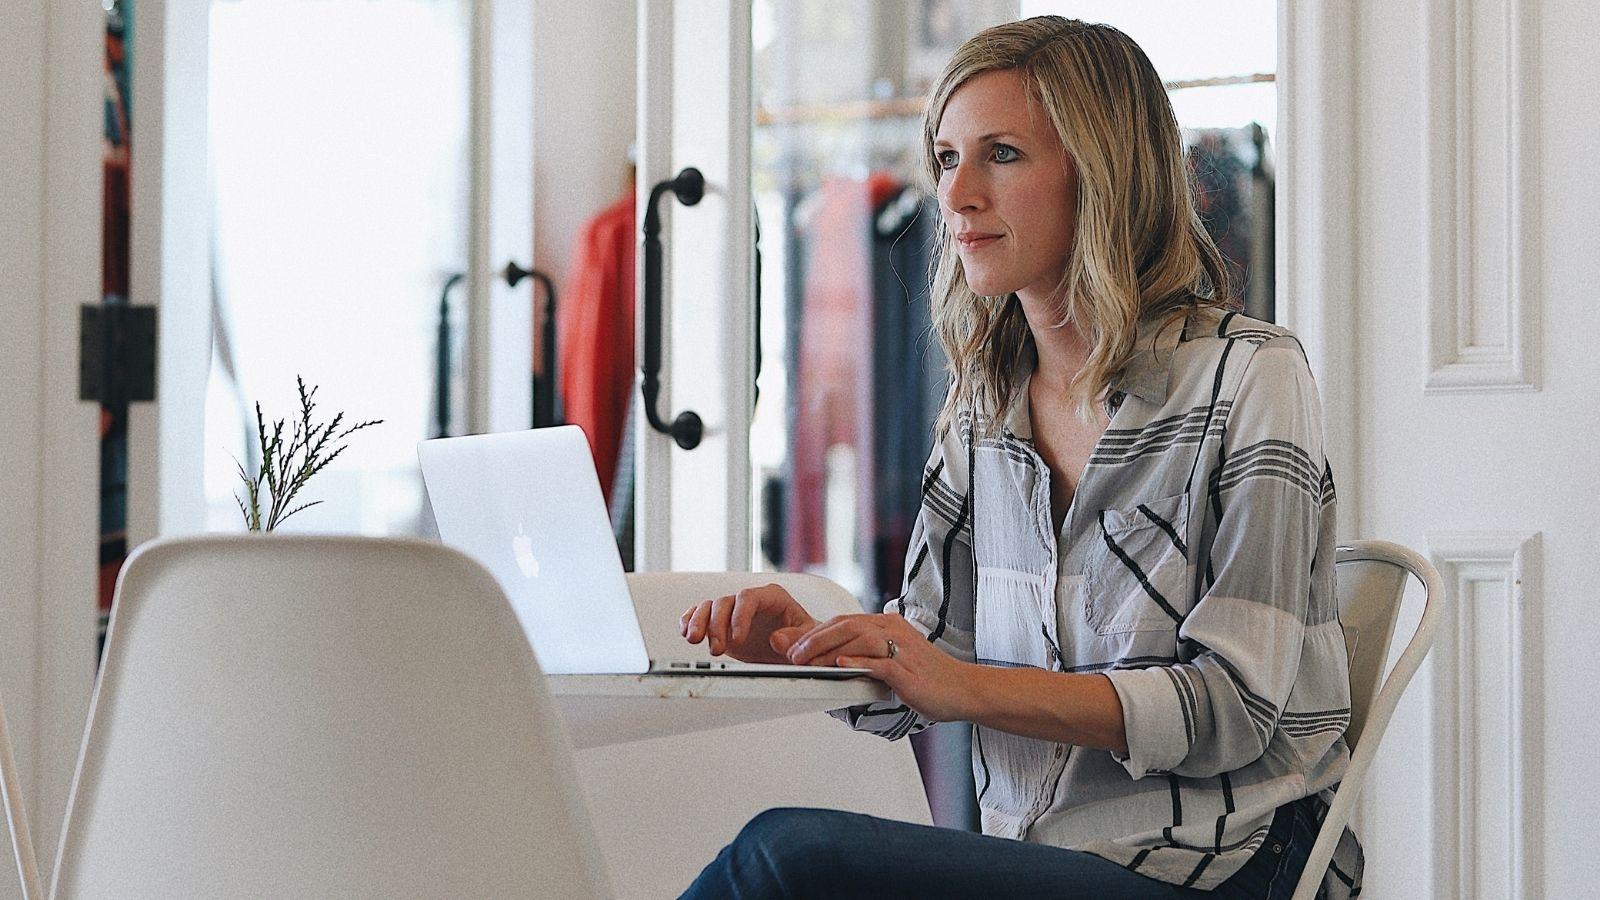 Pracownicy efektywni podczas pracy zdalnej [RAPORT] Praca zdalna mediarun remote work